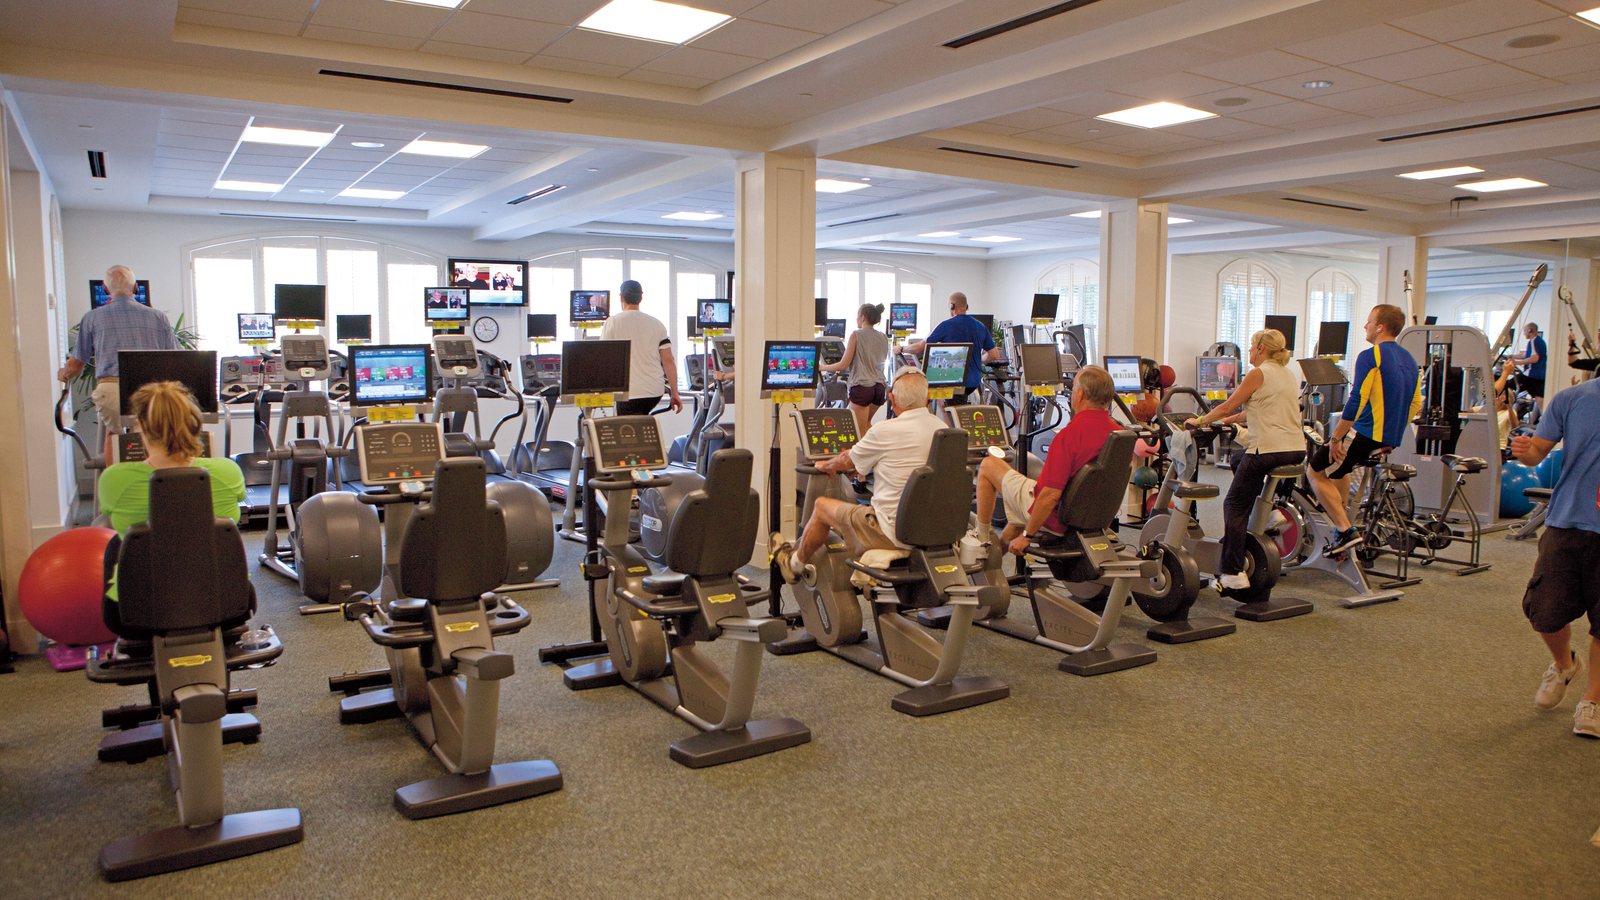 John's Island Fitness Center